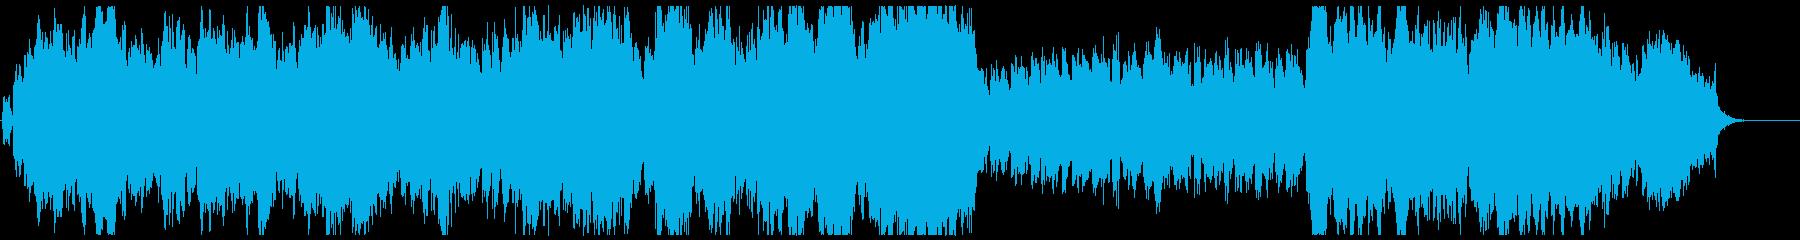 シンプルで荘厳な管弦楽曲の再生済みの波形